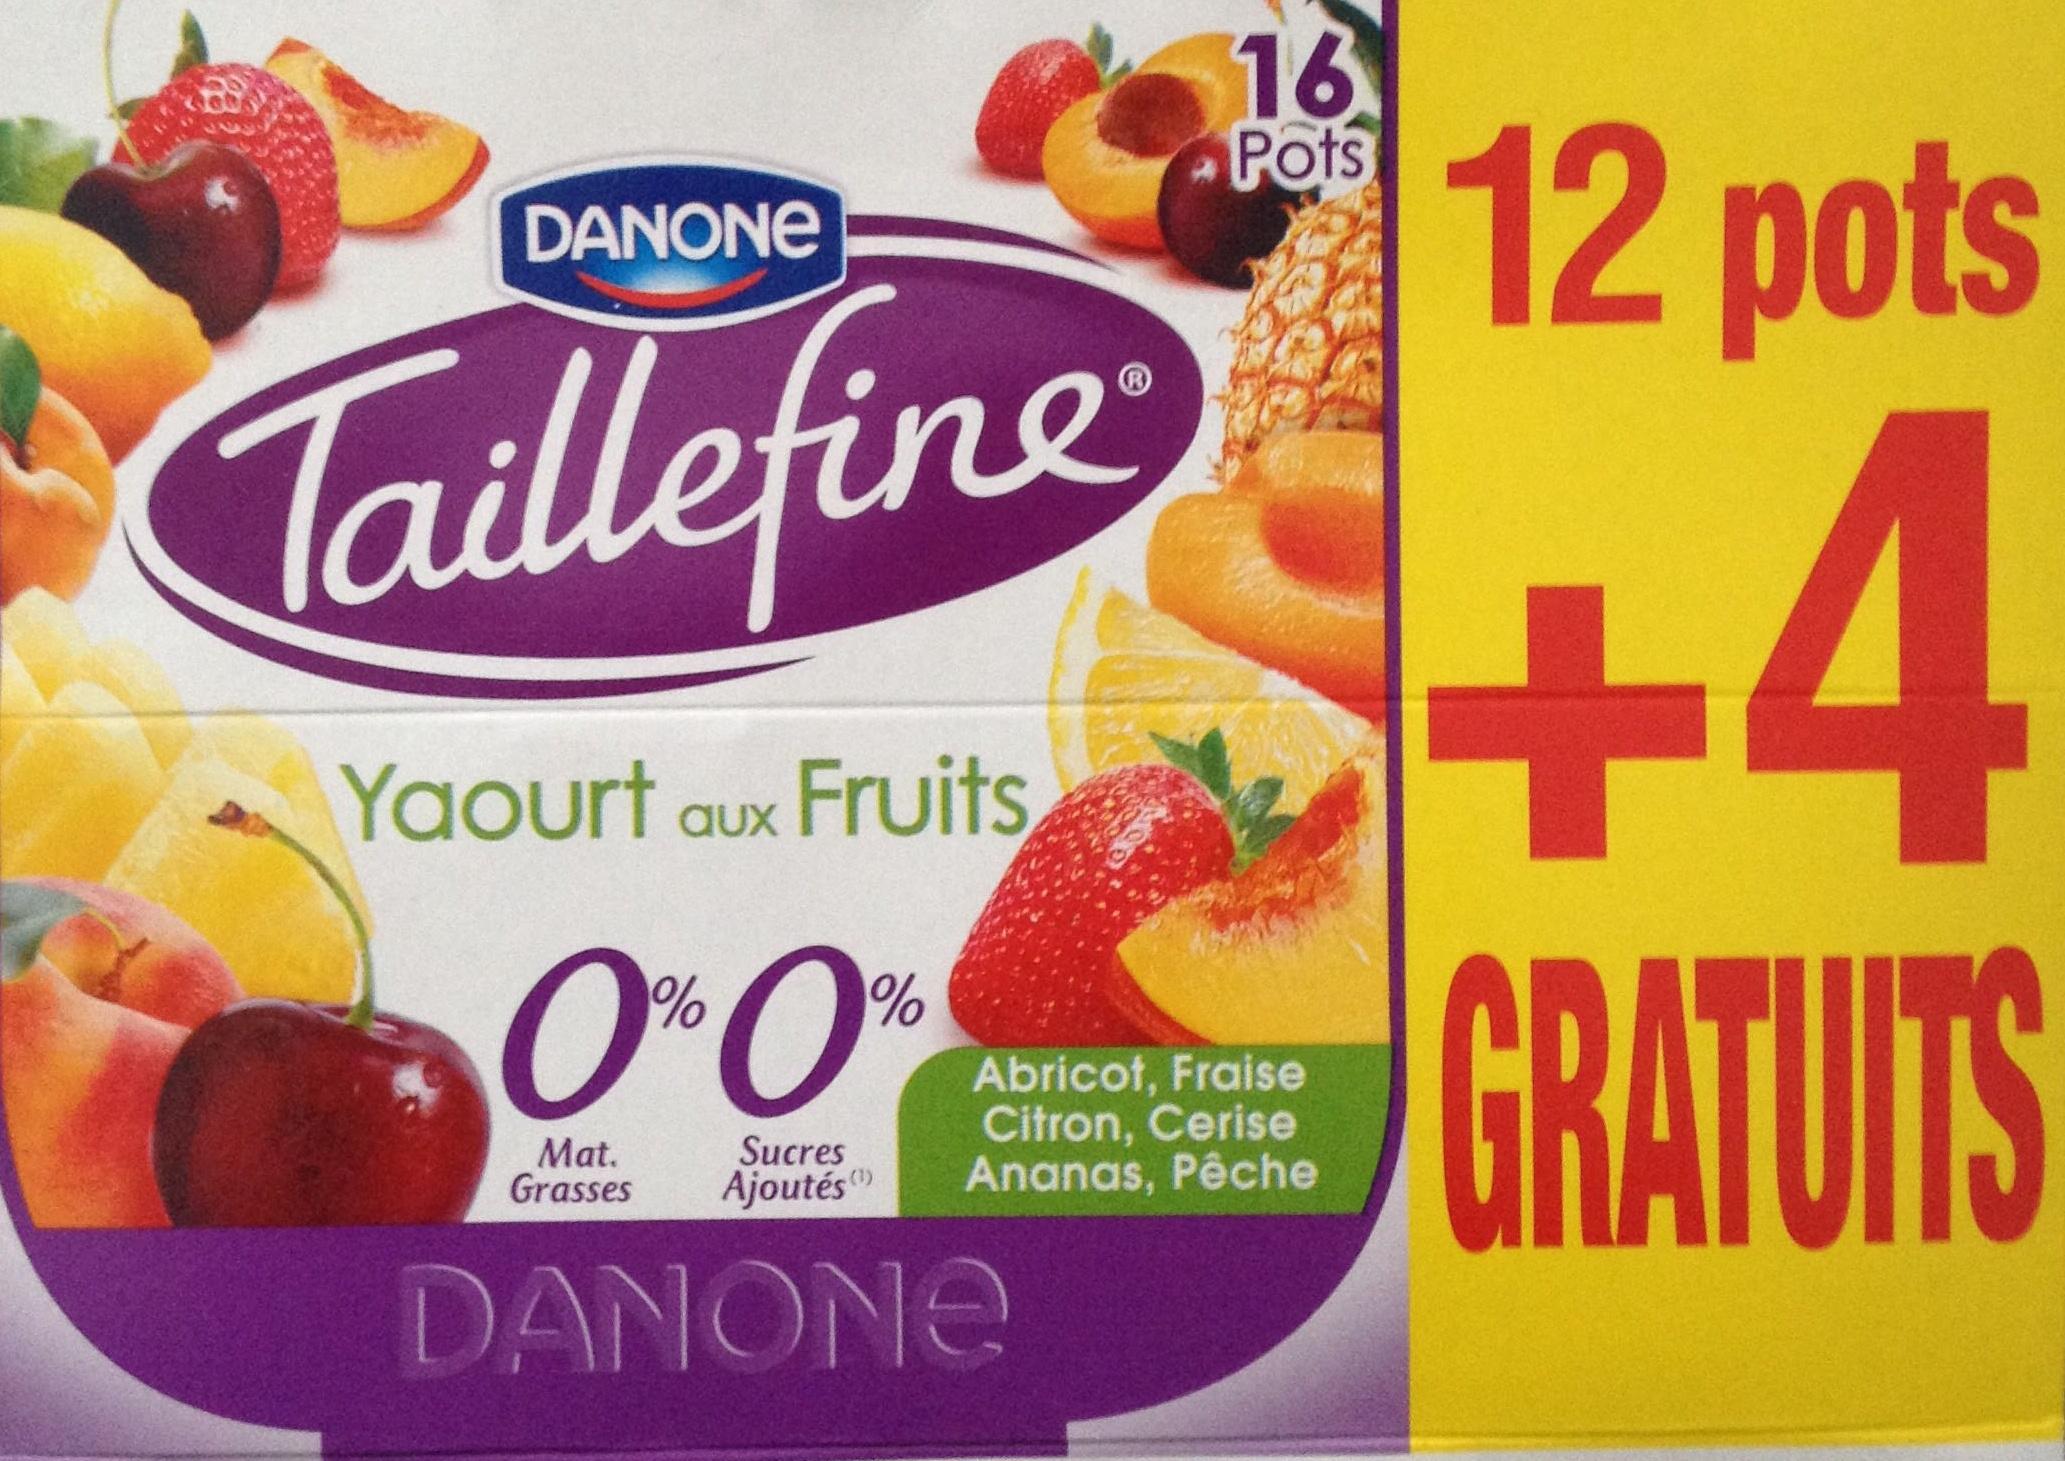 taillefine yaourt au fruits 0 mg 0 sucres ajout s abricot fraise citron cerise. Black Bedroom Furniture Sets. Home Design Ideas